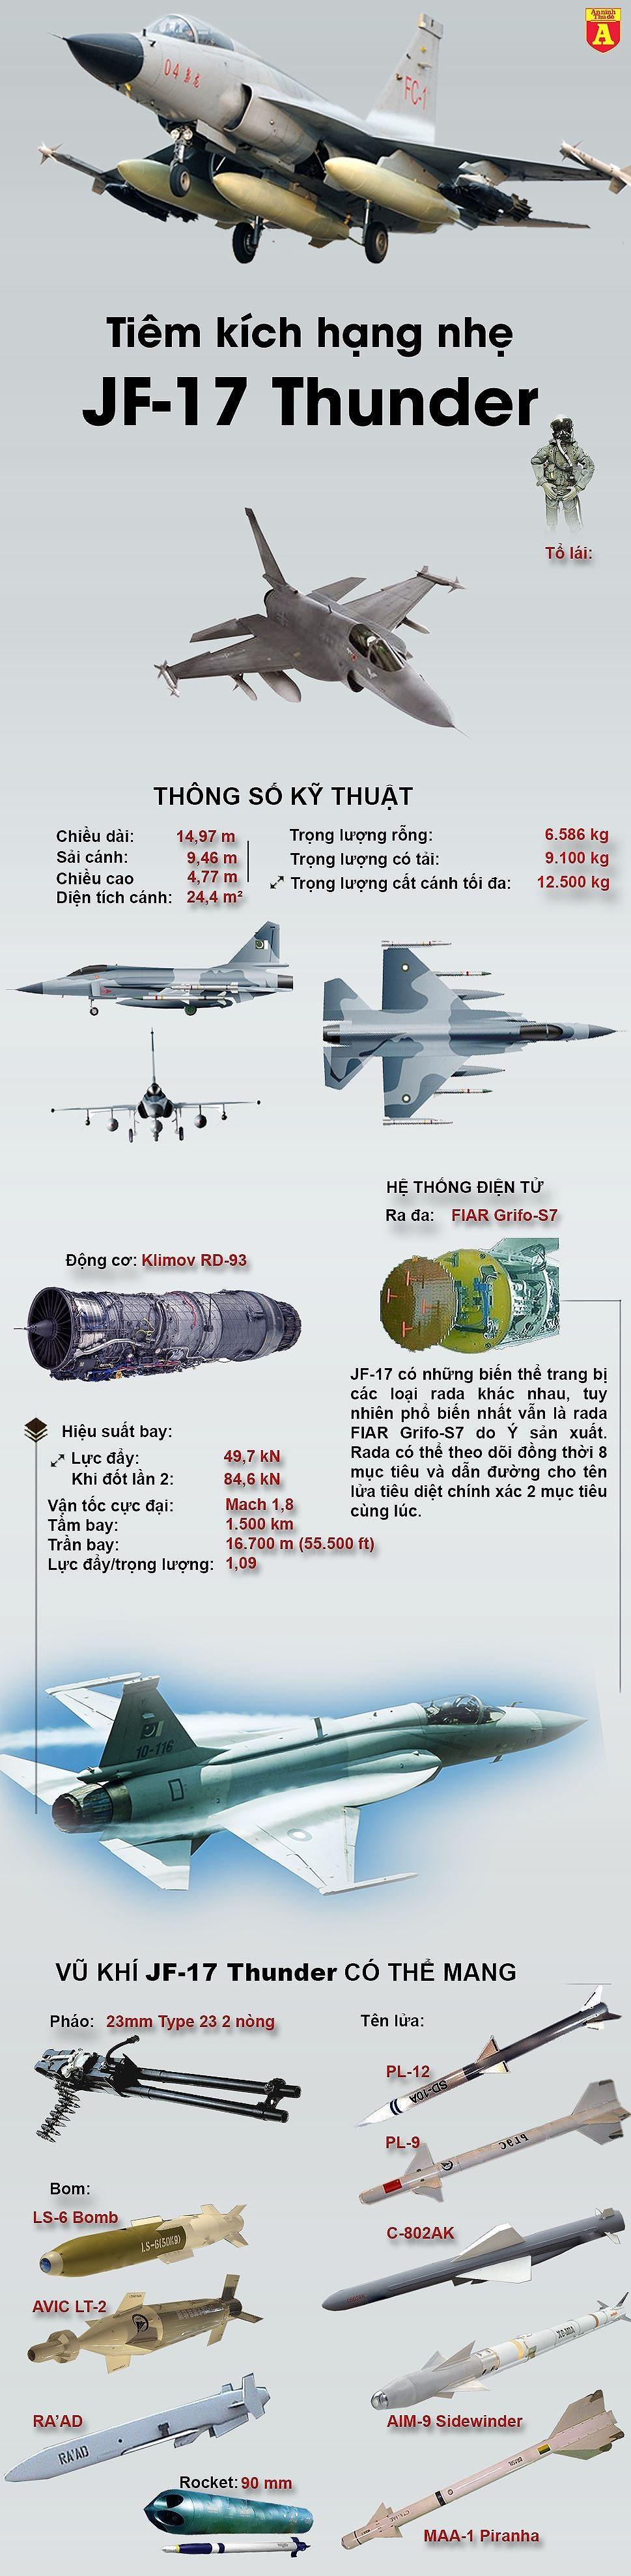 [Info] Chiến đấu cơ Trung Quốc này khiến siêu phẩm MiG-35 Nga chạnh lòng ảnh 2